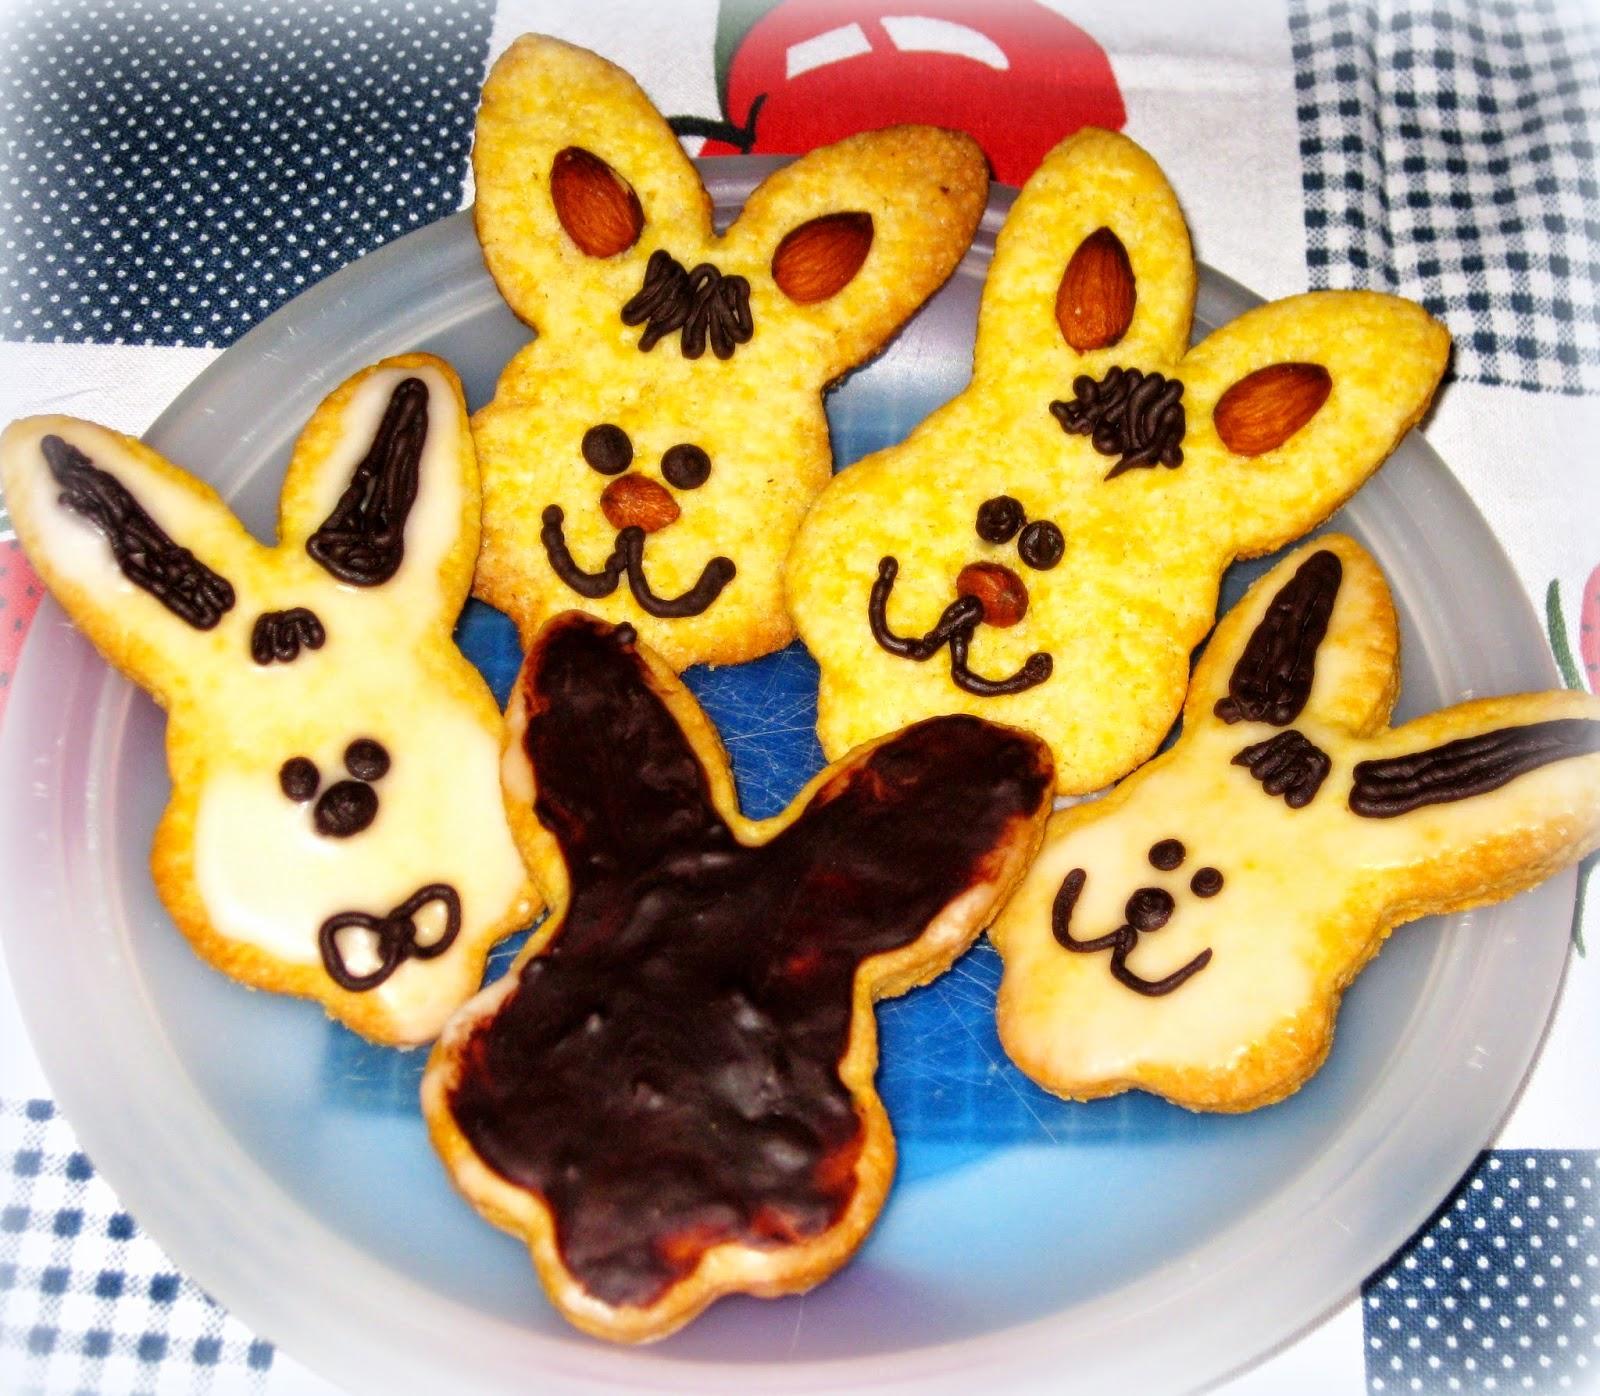 biscotti di pasqua decorati con glassa bianca e nera